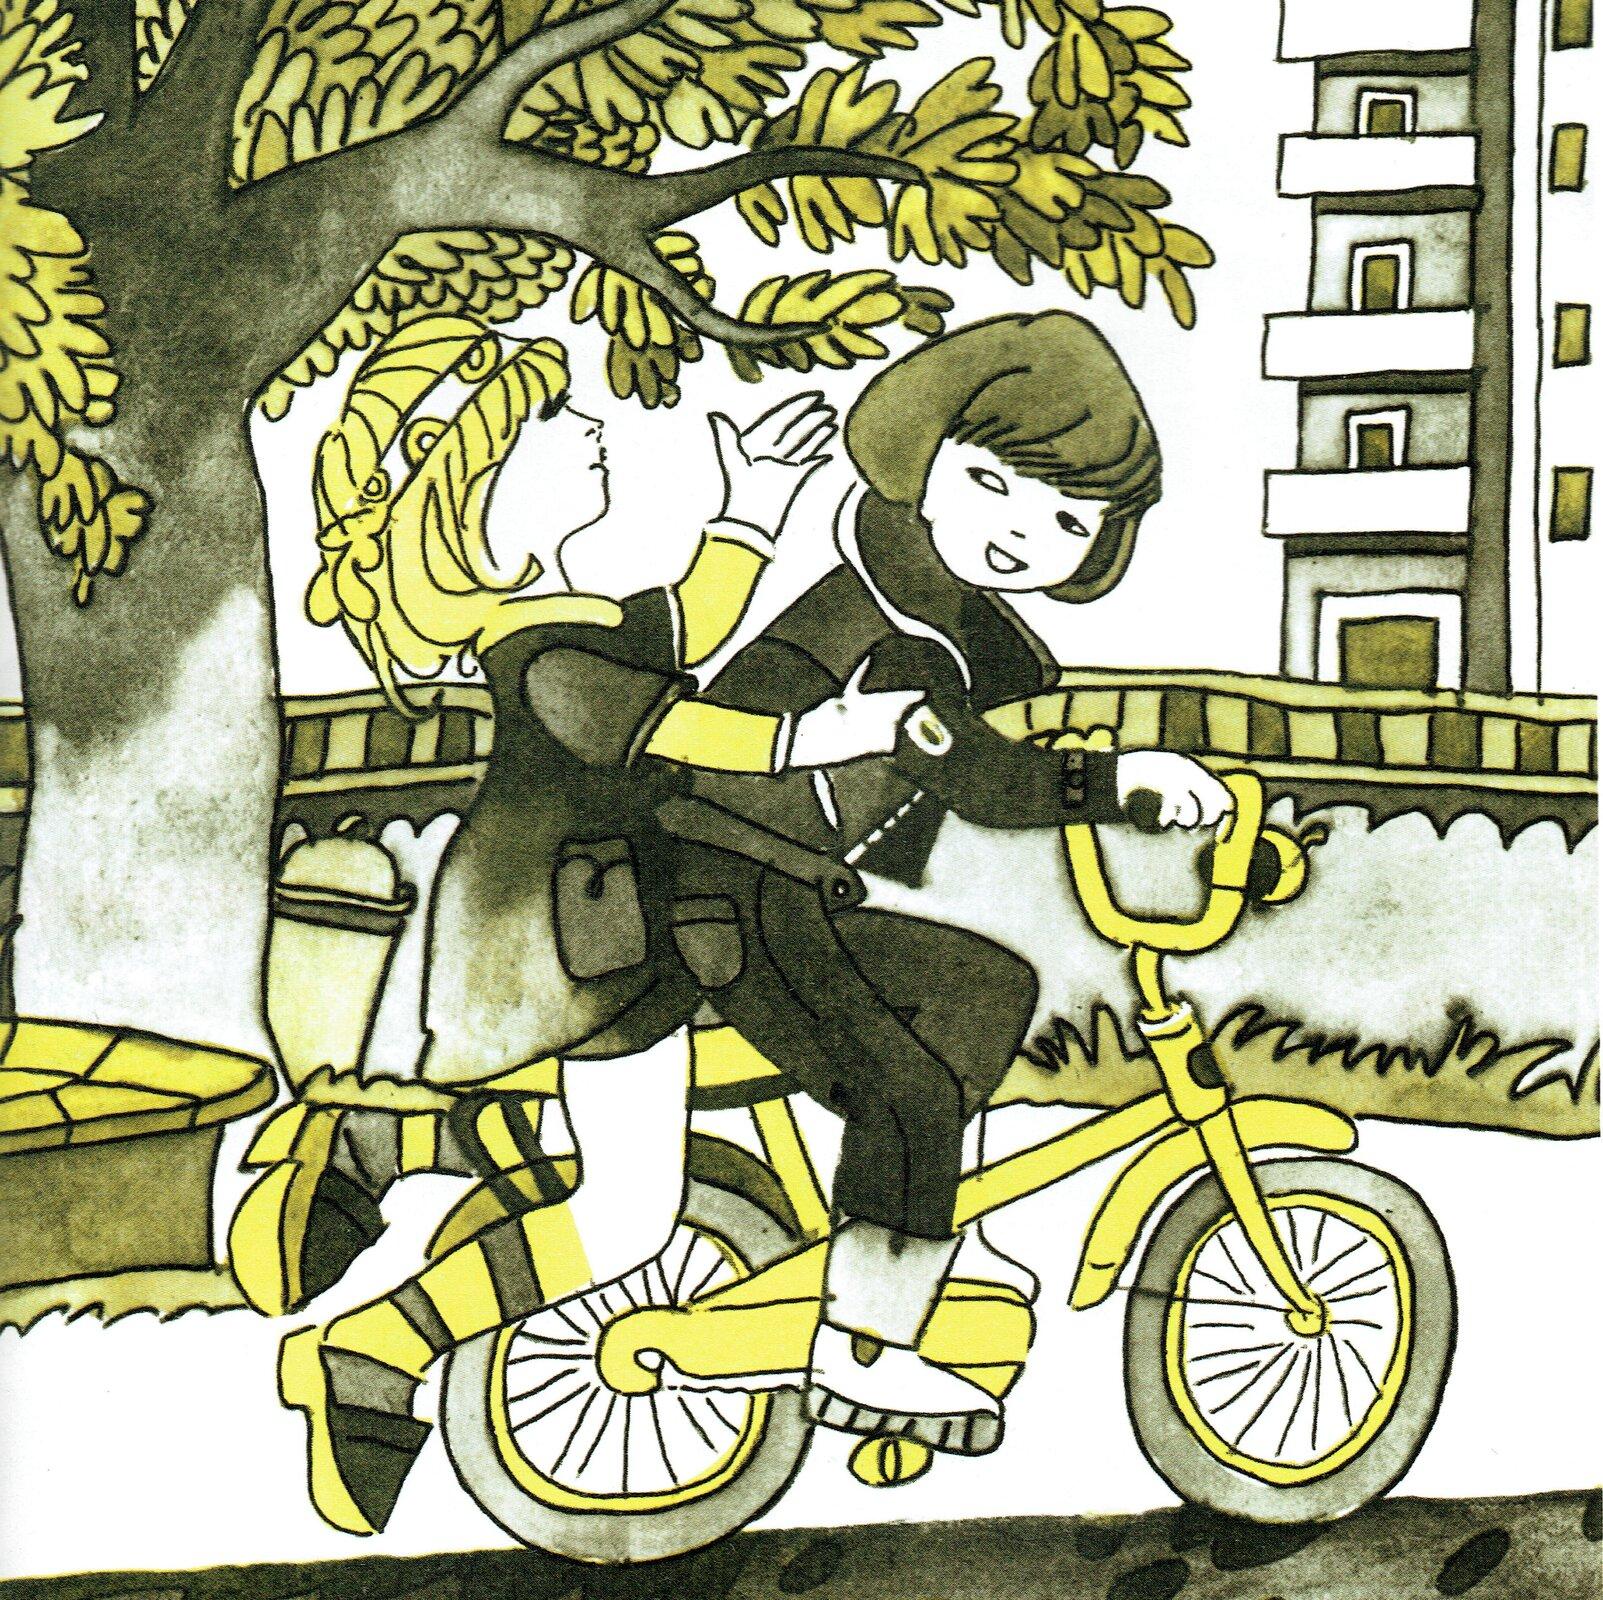 """Ilustracja przedstawia pracę Zbigniewa Rychlickiego zksiążki Danuty Wawiłow """"Chcę mieć przyjaciela"""". Ukazuje dwie dziewczynki jadące na jednym rowerze przez miasto. Wtle znajduje się drzewo oraz budynek mieszkalny. Dziewczynki rozmawiają ze sobą."""